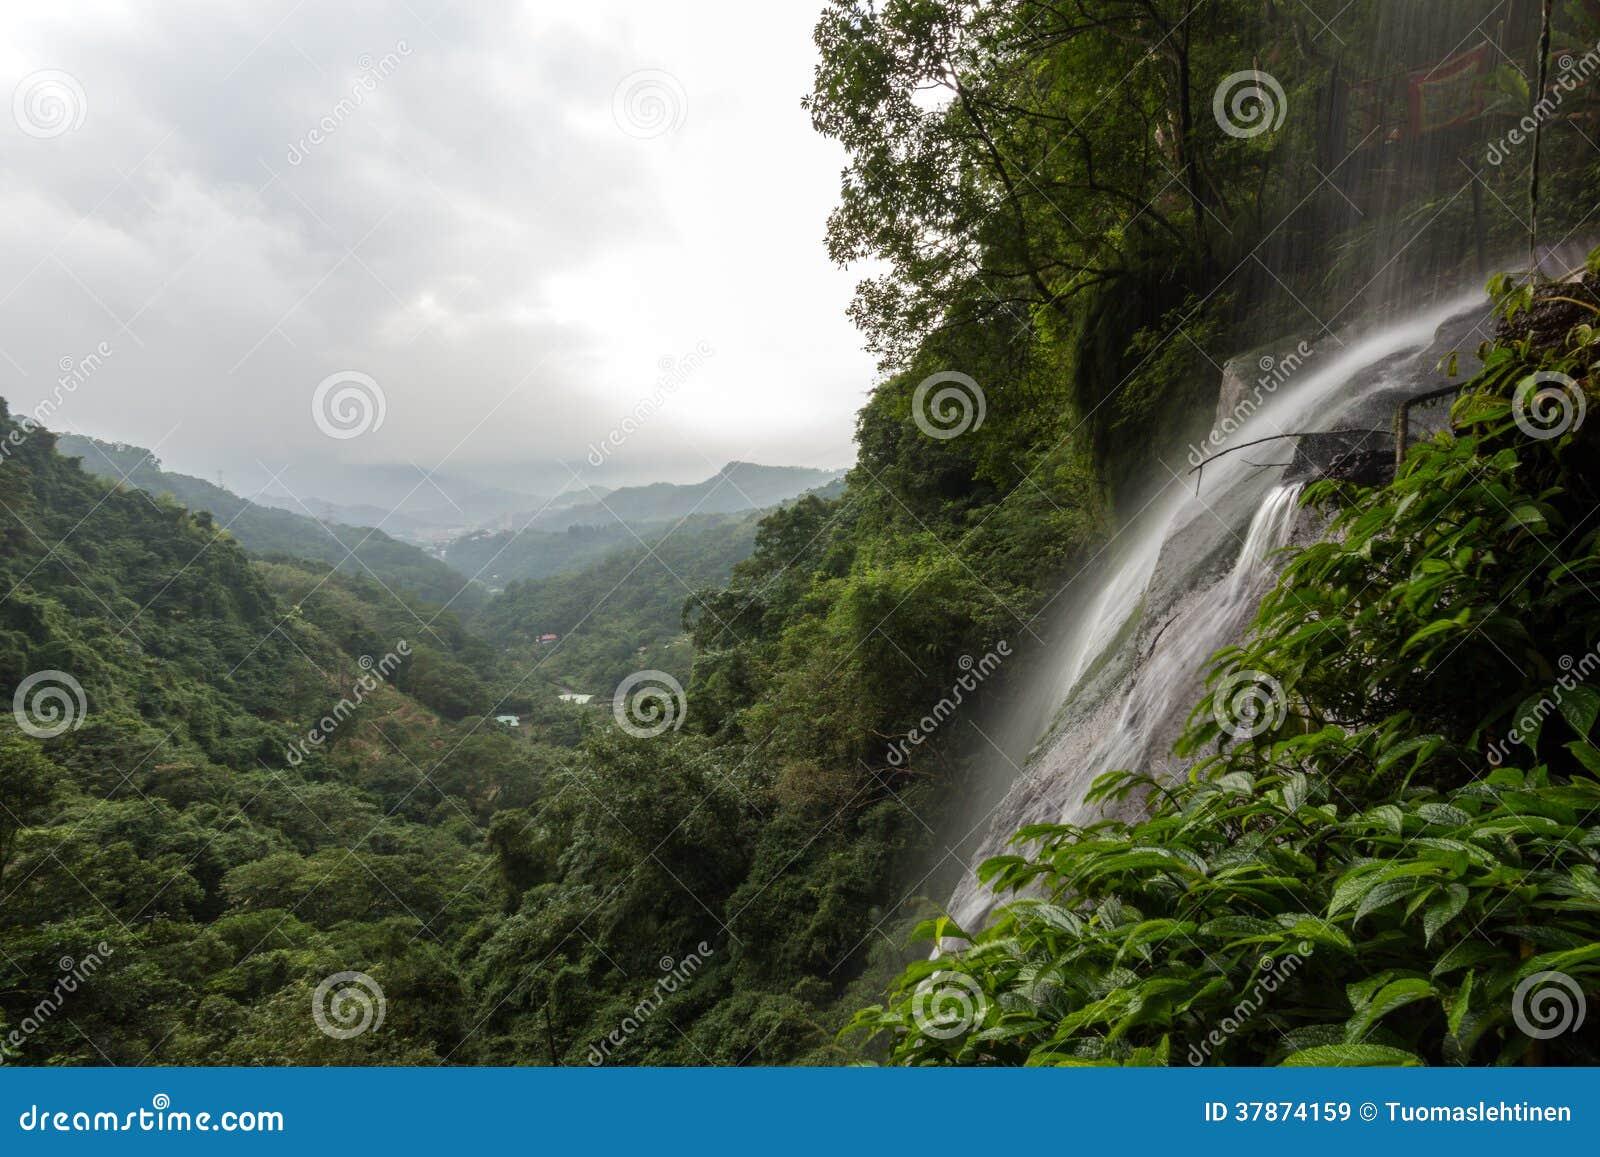 Petite cascade et vue au-dessus de forêt luxuriante à Taïpeh